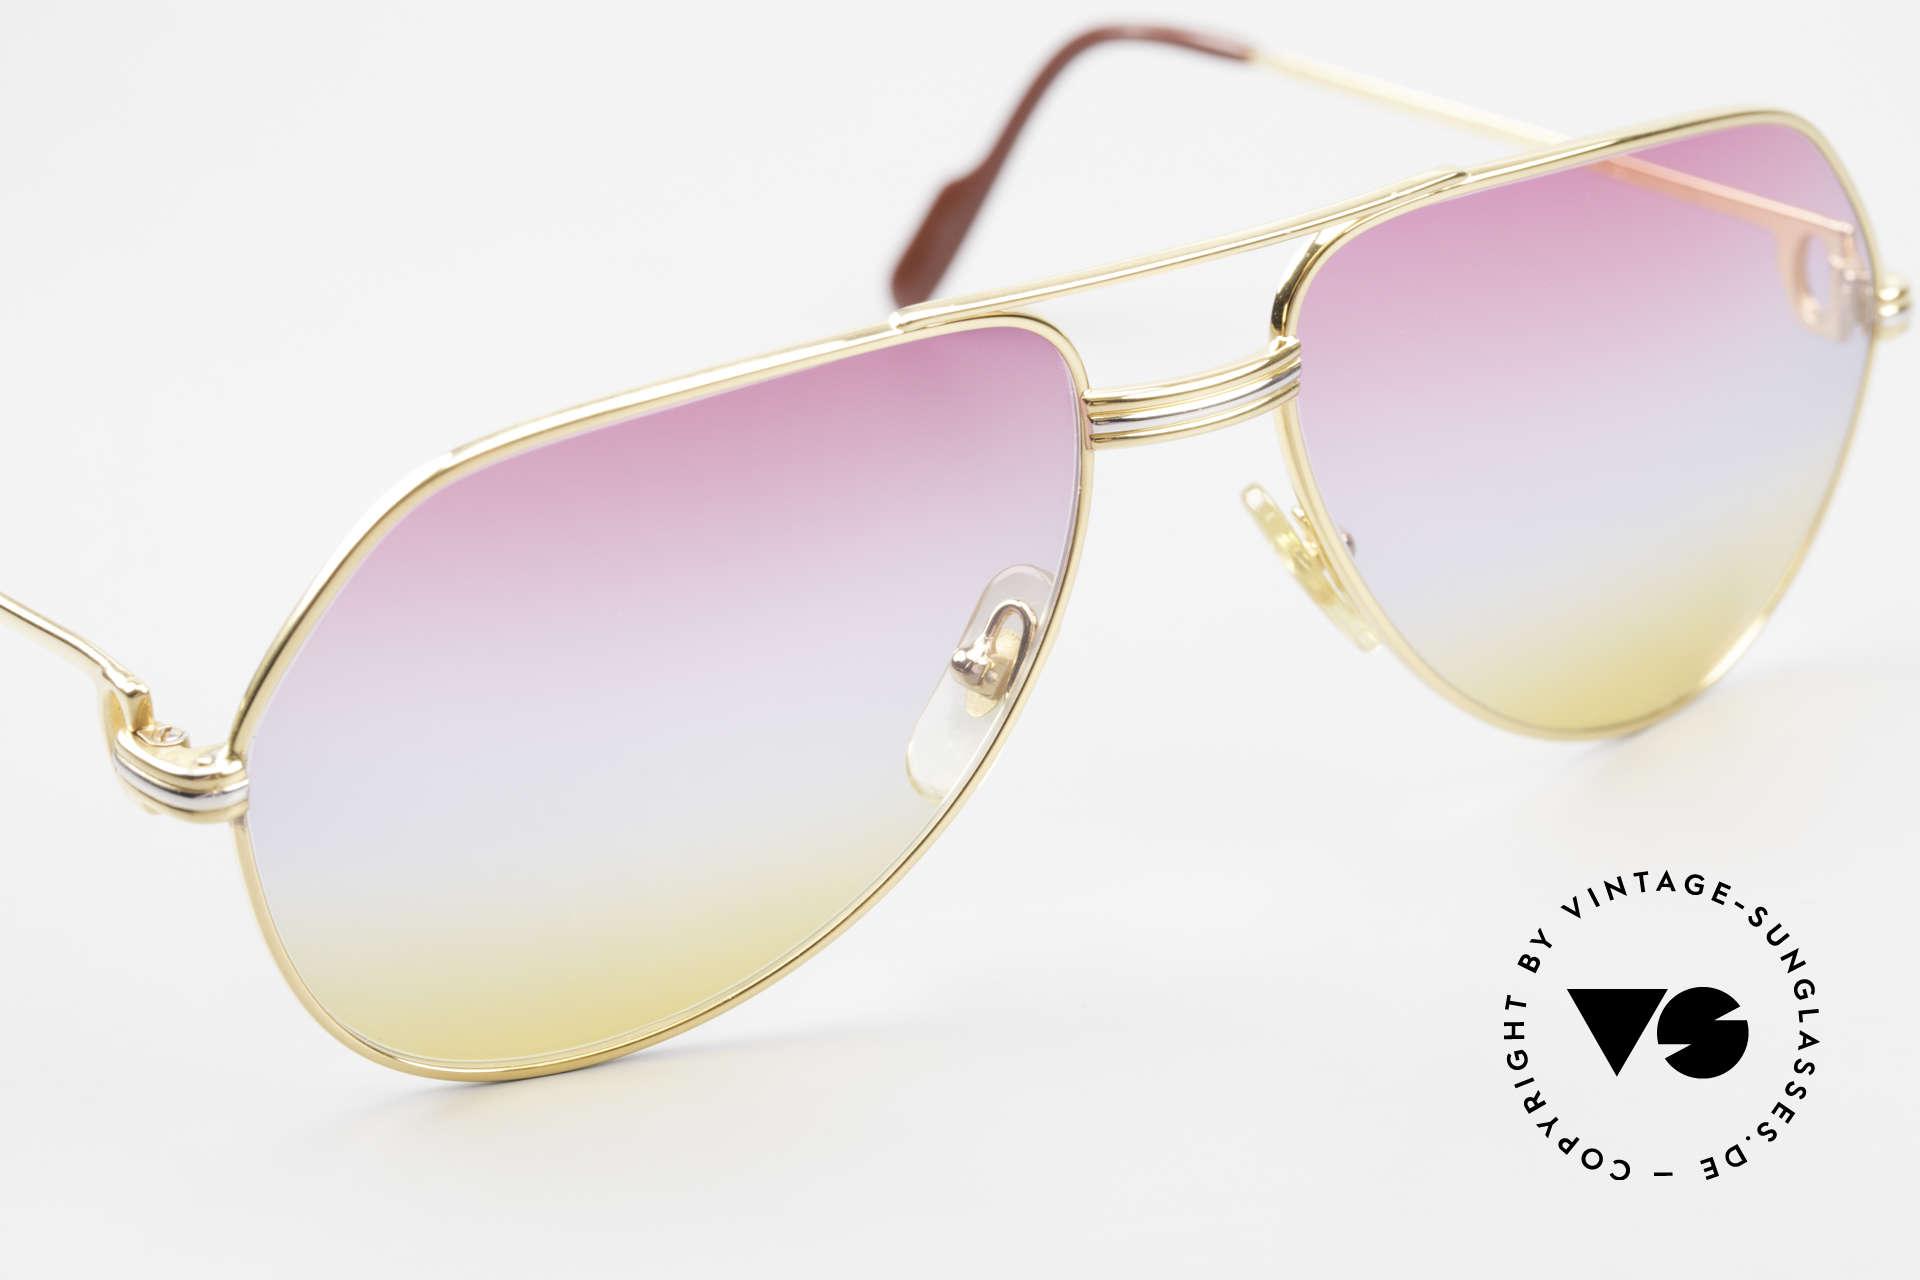 Cartier Vendome LC - M 80er 90er Aviator Sonnenbrille, 2nd hand in einem neuwertigen Zustand + CARTIER Box, Passend für Herren und Damen